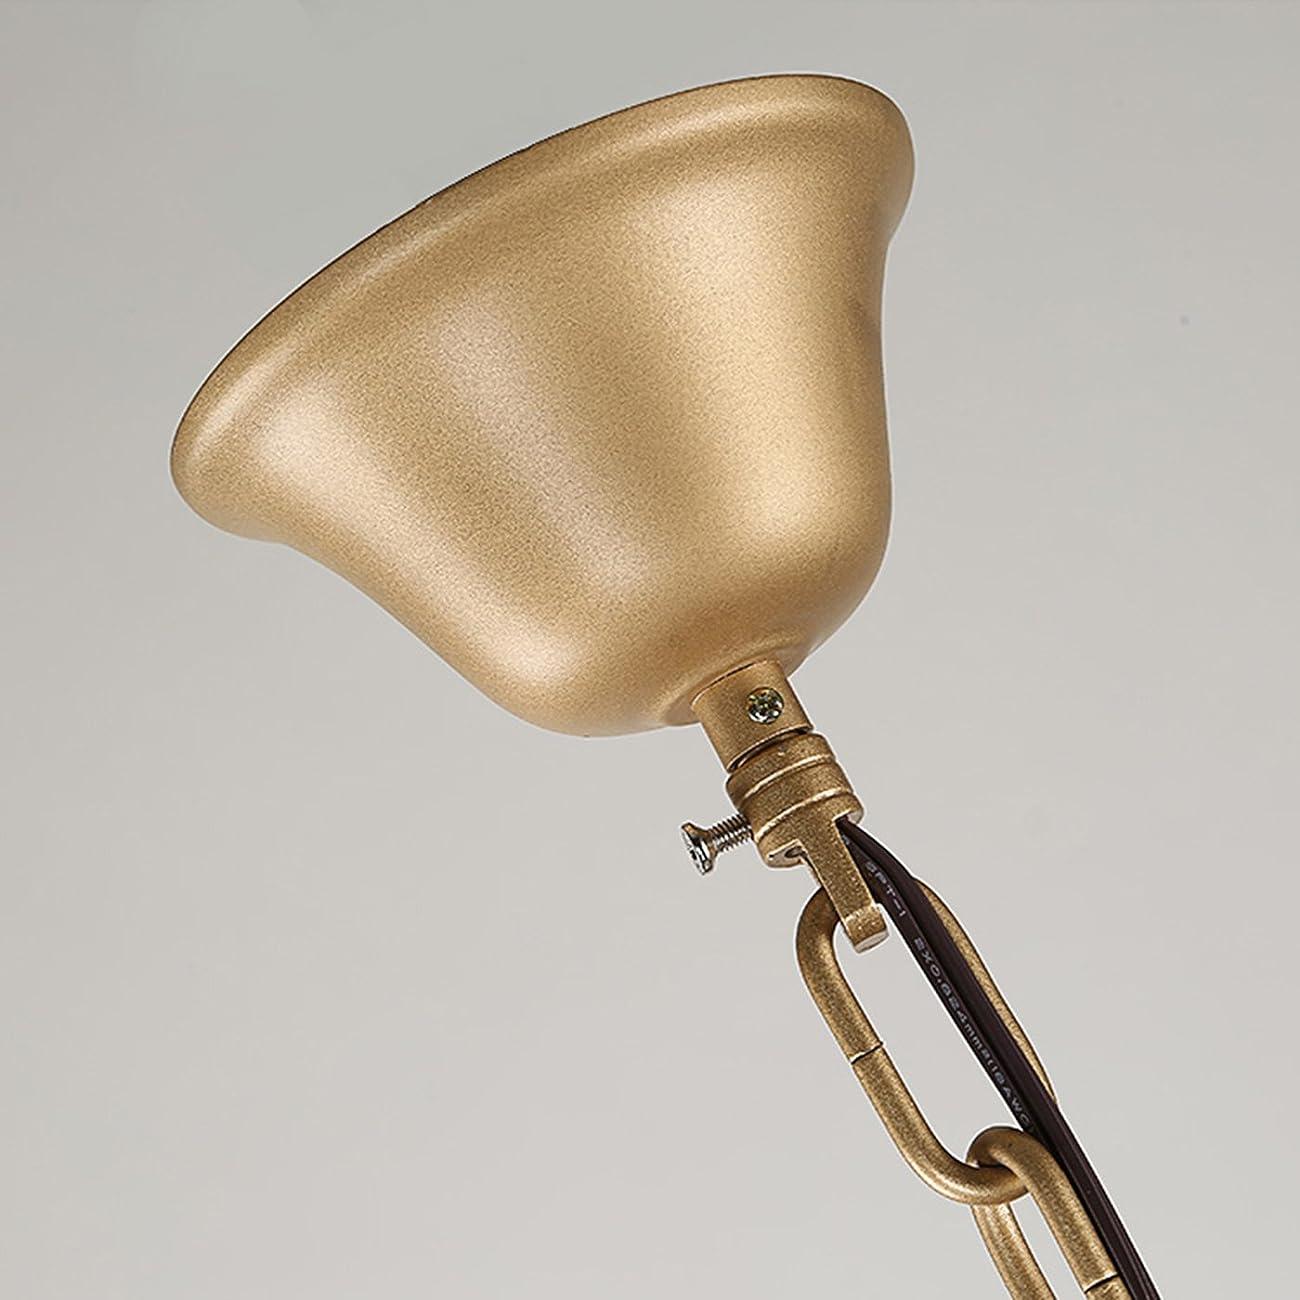 Garwarm Vintage Chandelier 3 lights Antique Pendant light Home Ceiling Light Fixtures Chandeliers Lighting,Golden 3